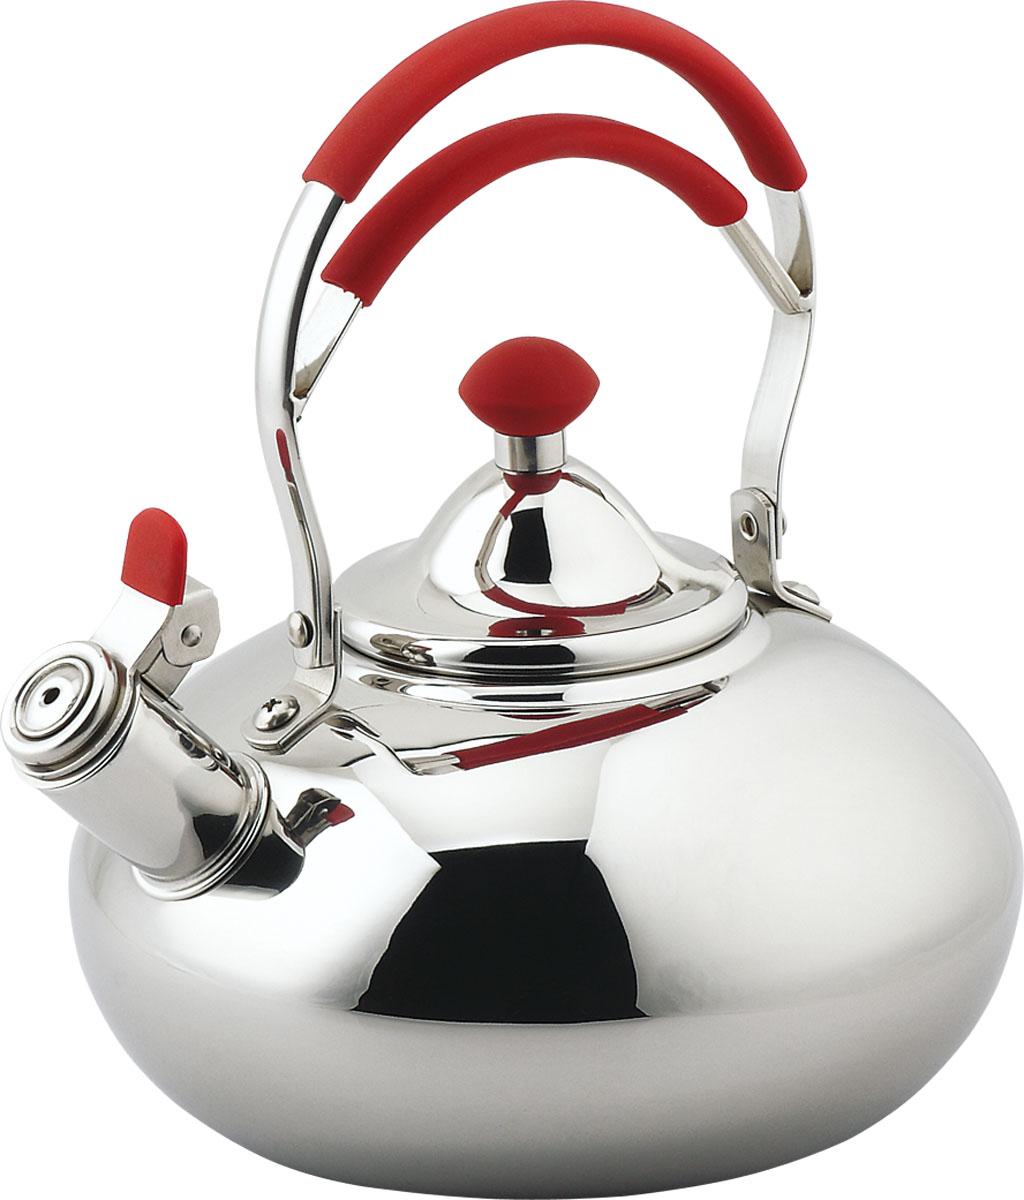 Чайник Bekker De Luxe со свистком, цвет: красный, 3 л. BK-S436115510Чайник Bekker De Luxe изготовлен из высококачественной нержавеющей стали с зеркальной полировкой. Цельнометаллическое дно распределяет тепло по всей поверхности, что позволяет чайнику быстро закипать. Ручка подвижная выполненная из нержавеющей стали со вставками из прорезиненного бакелита красного цвета. Носик оснащен откидным свистком, который подскажет, когда вода закипела. Подходит для всех типов плит, включая индукционные. Можно мыть в посудомоечной машине.